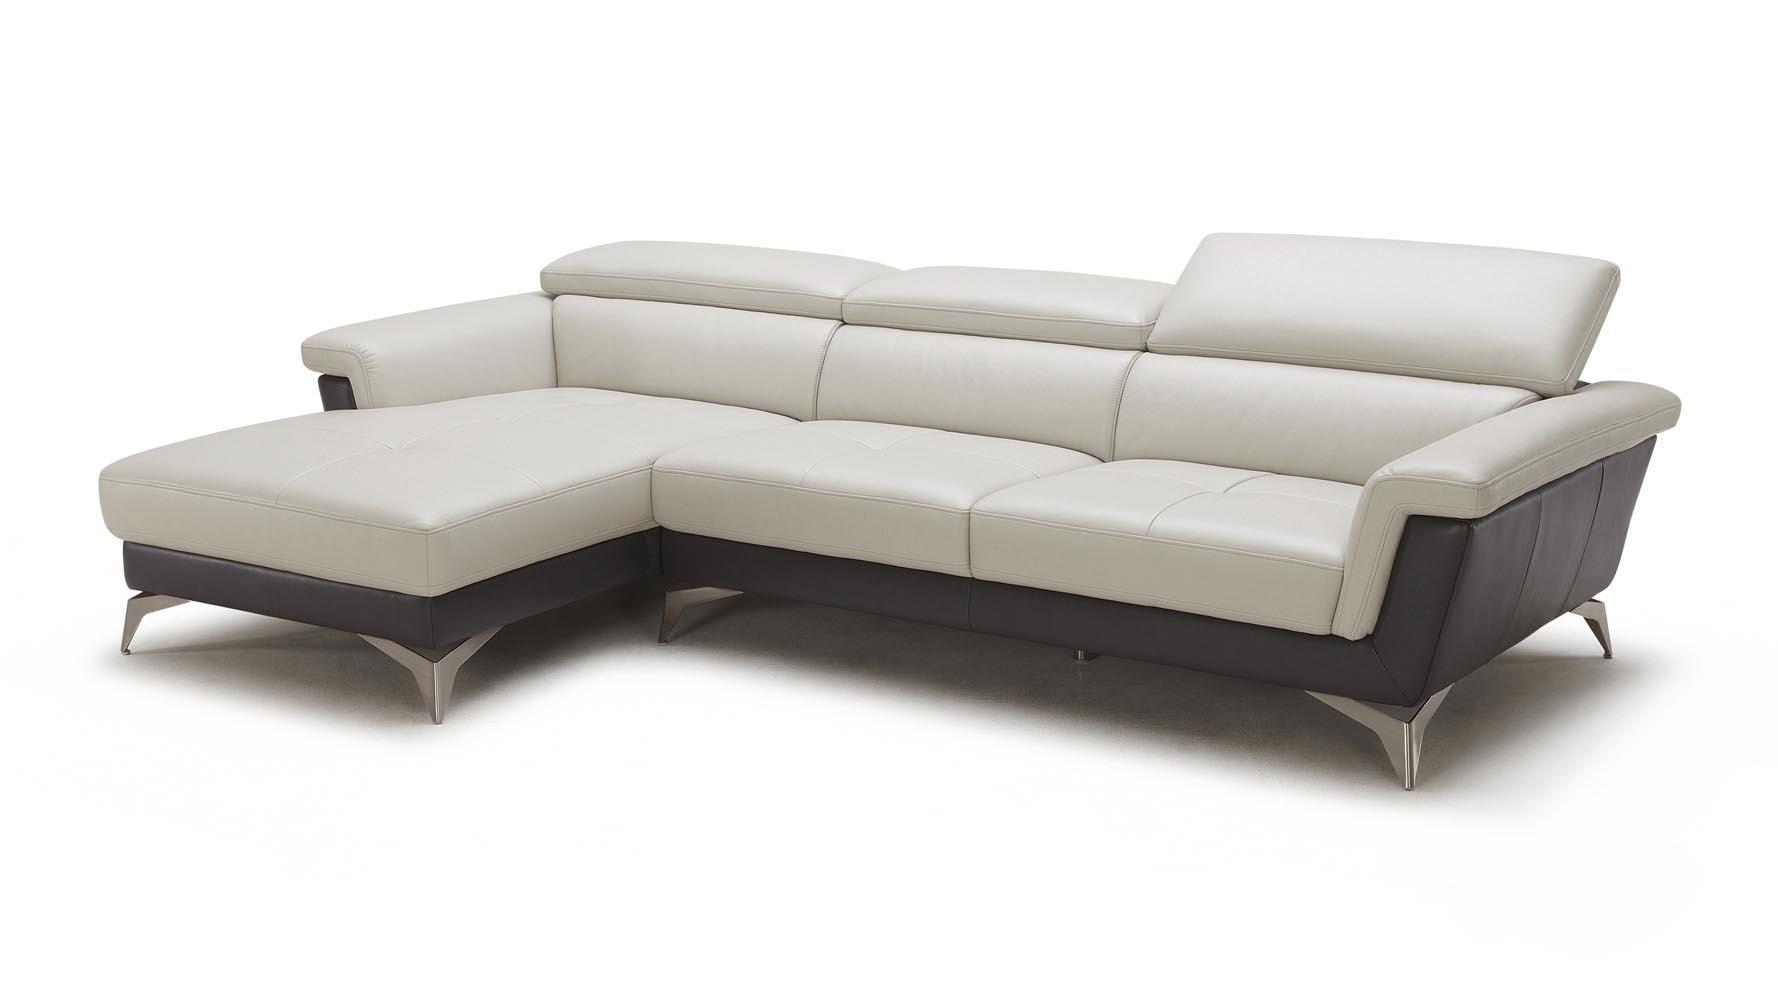 Gray/black Savoy 3-Seater Sectional Sofa | Zuri Furniture with regard to Savoy Sofas